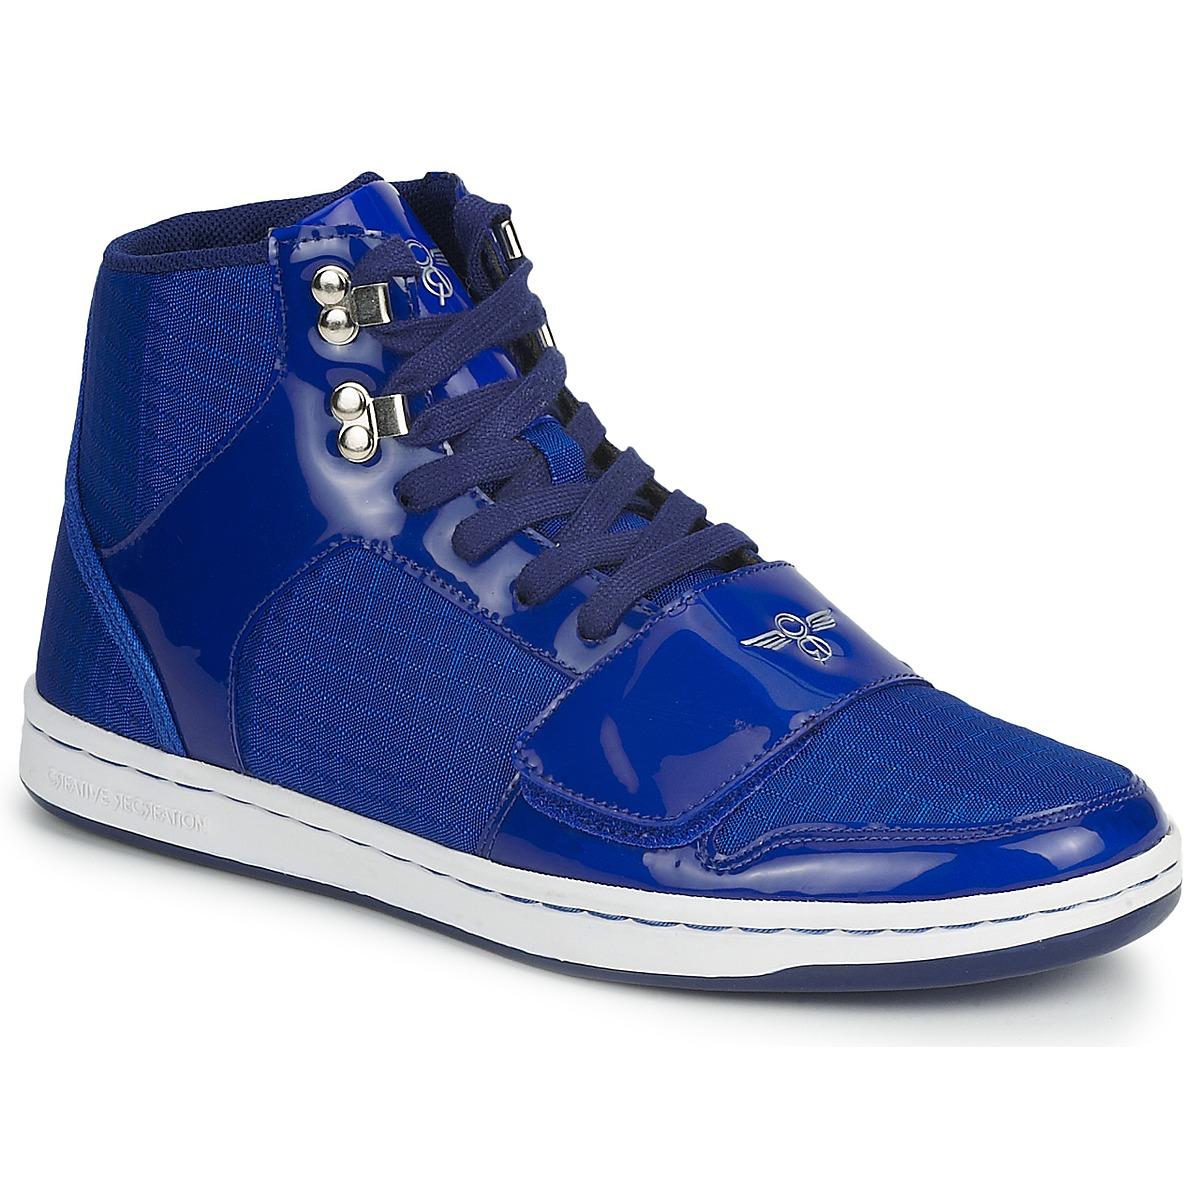 Creative Recreation GS CESARIO Bleu - Livraison Gratuite avec - Chaussures Basket montante